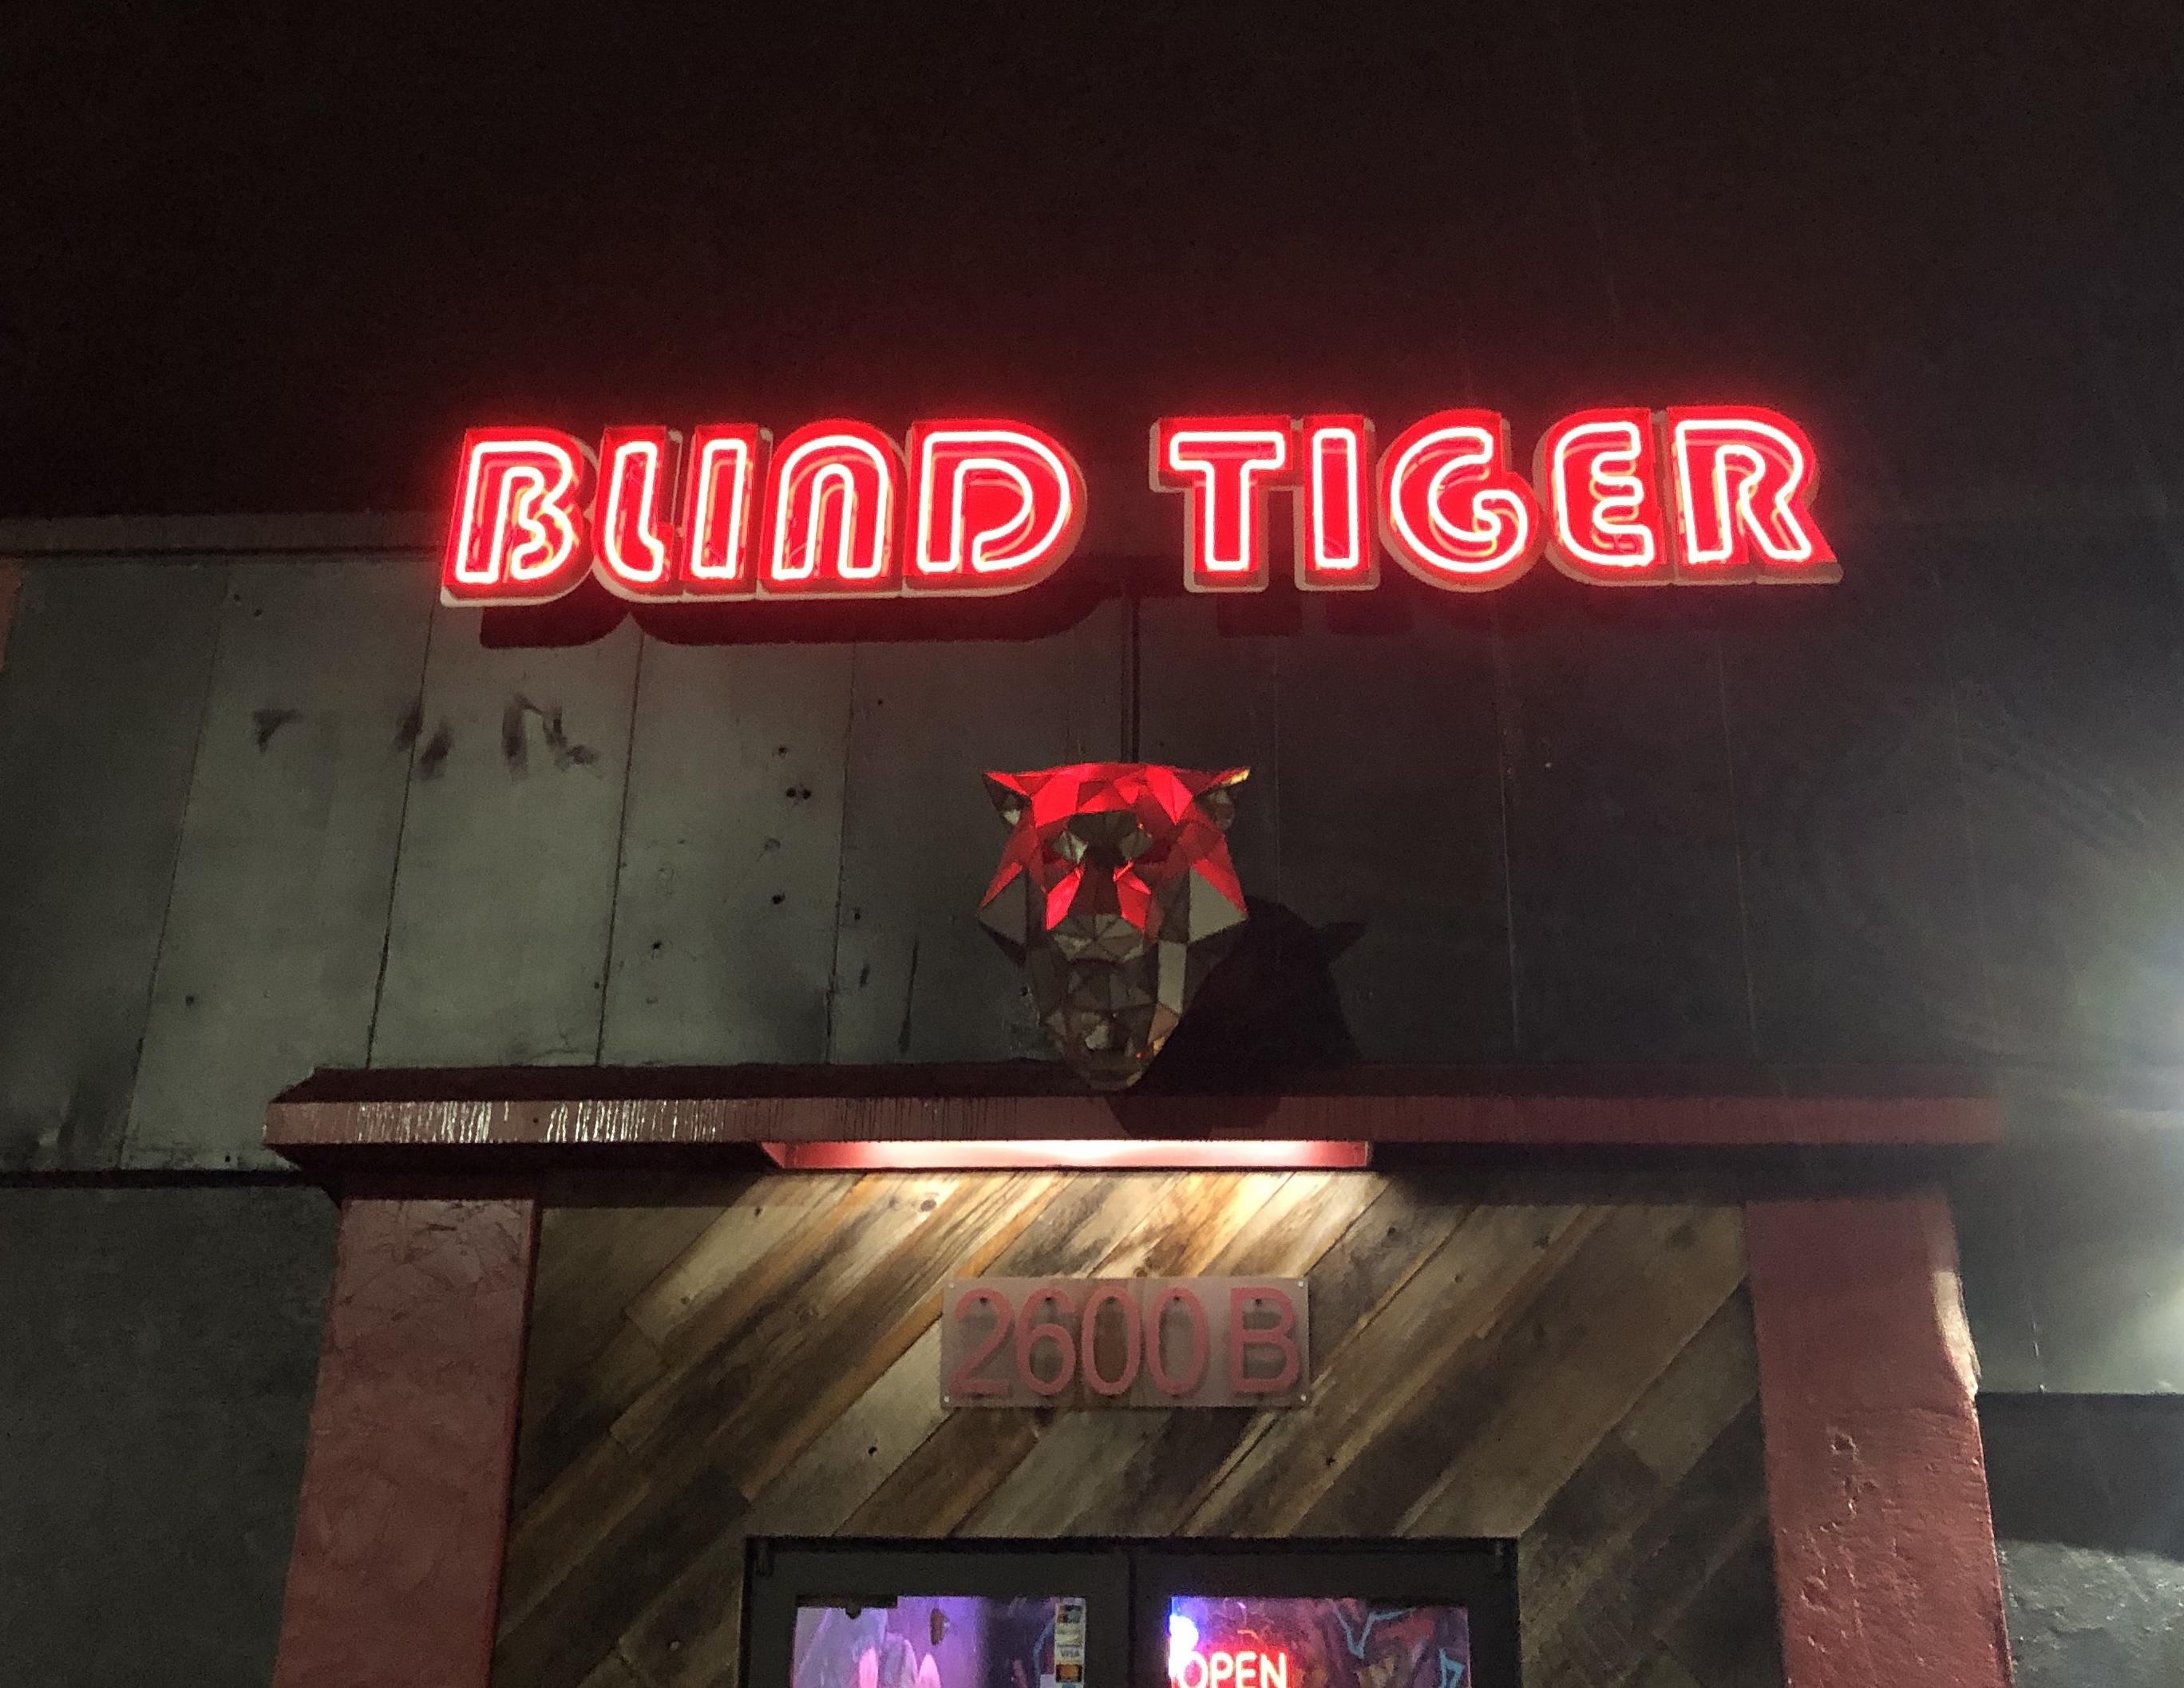 குருட்டுப்புலி ருட்டுப்புலி, ஓக்லாண்டு, கலிபோர்னியா. 2019. படம்: முத்து அண்ணாமலை. Blind Tiger, Oakland, CA.